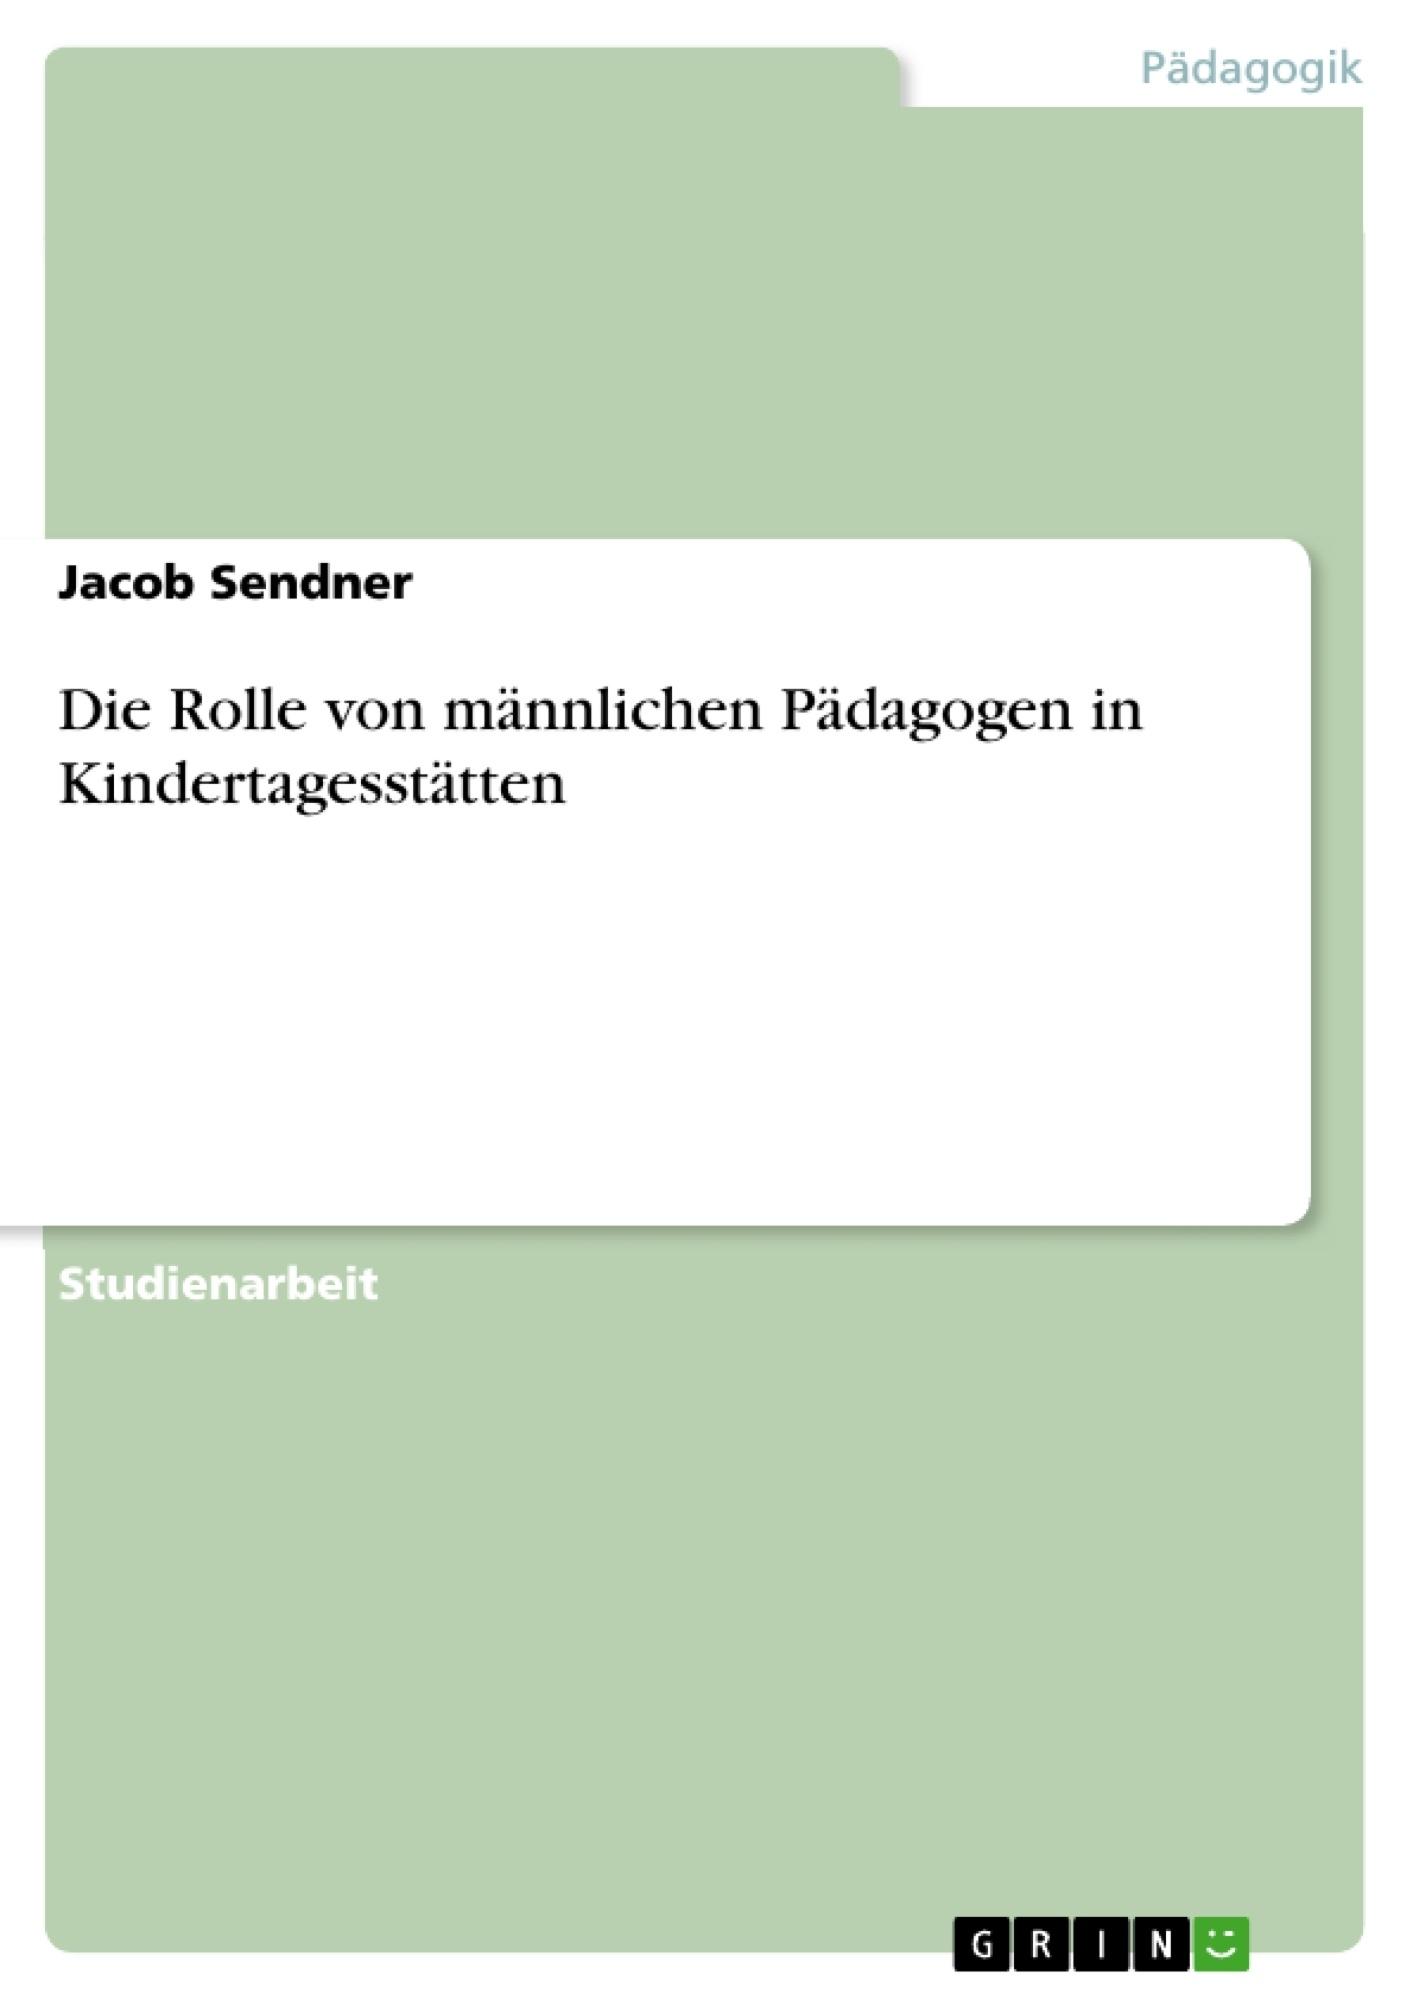 Titel: Die Rolle von männlichen Pädagogen in Kindertagesstätten